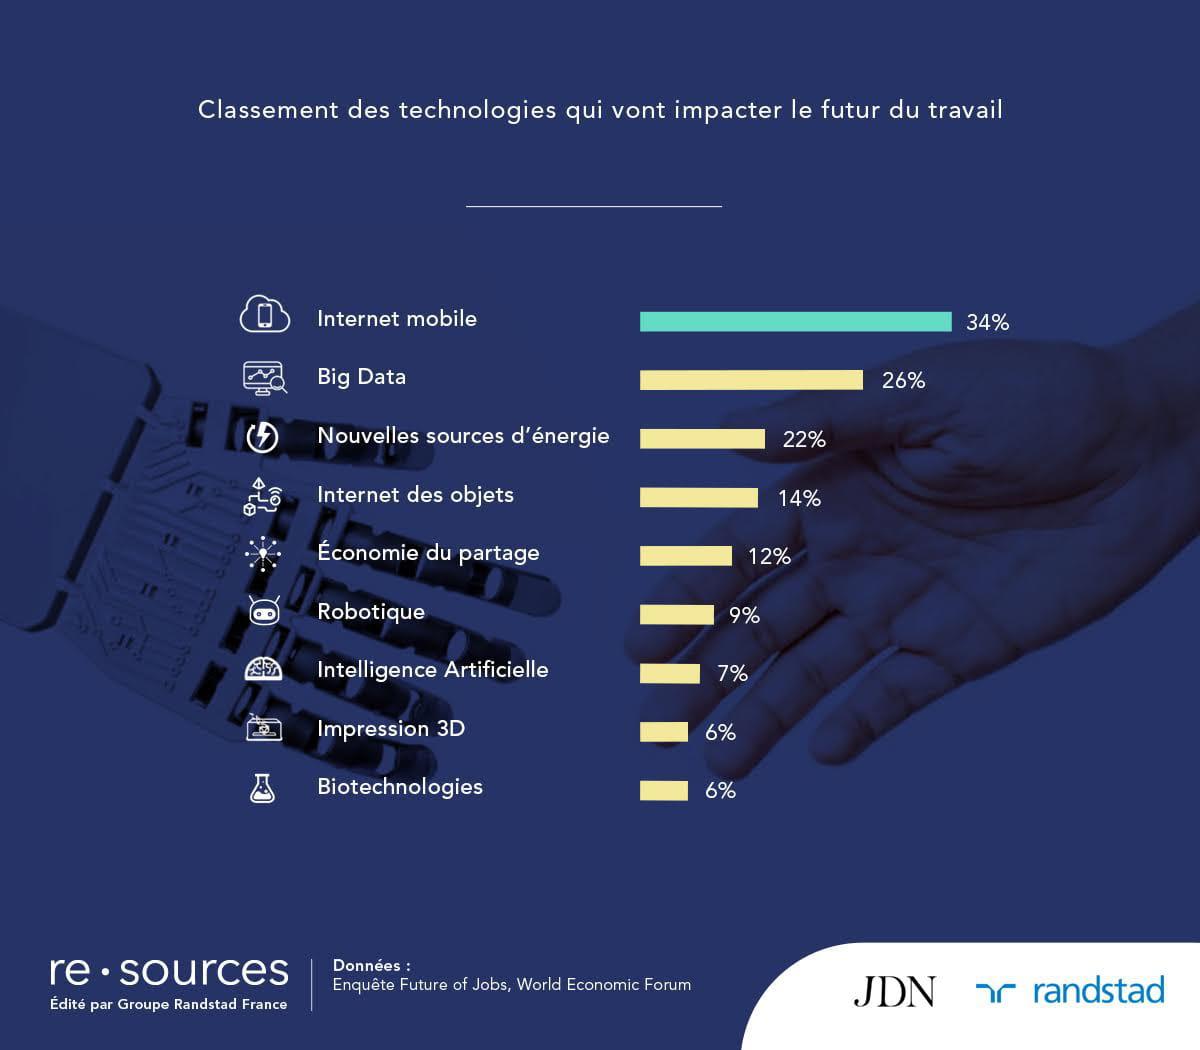 Quelle technologie changera le plus le travail ?